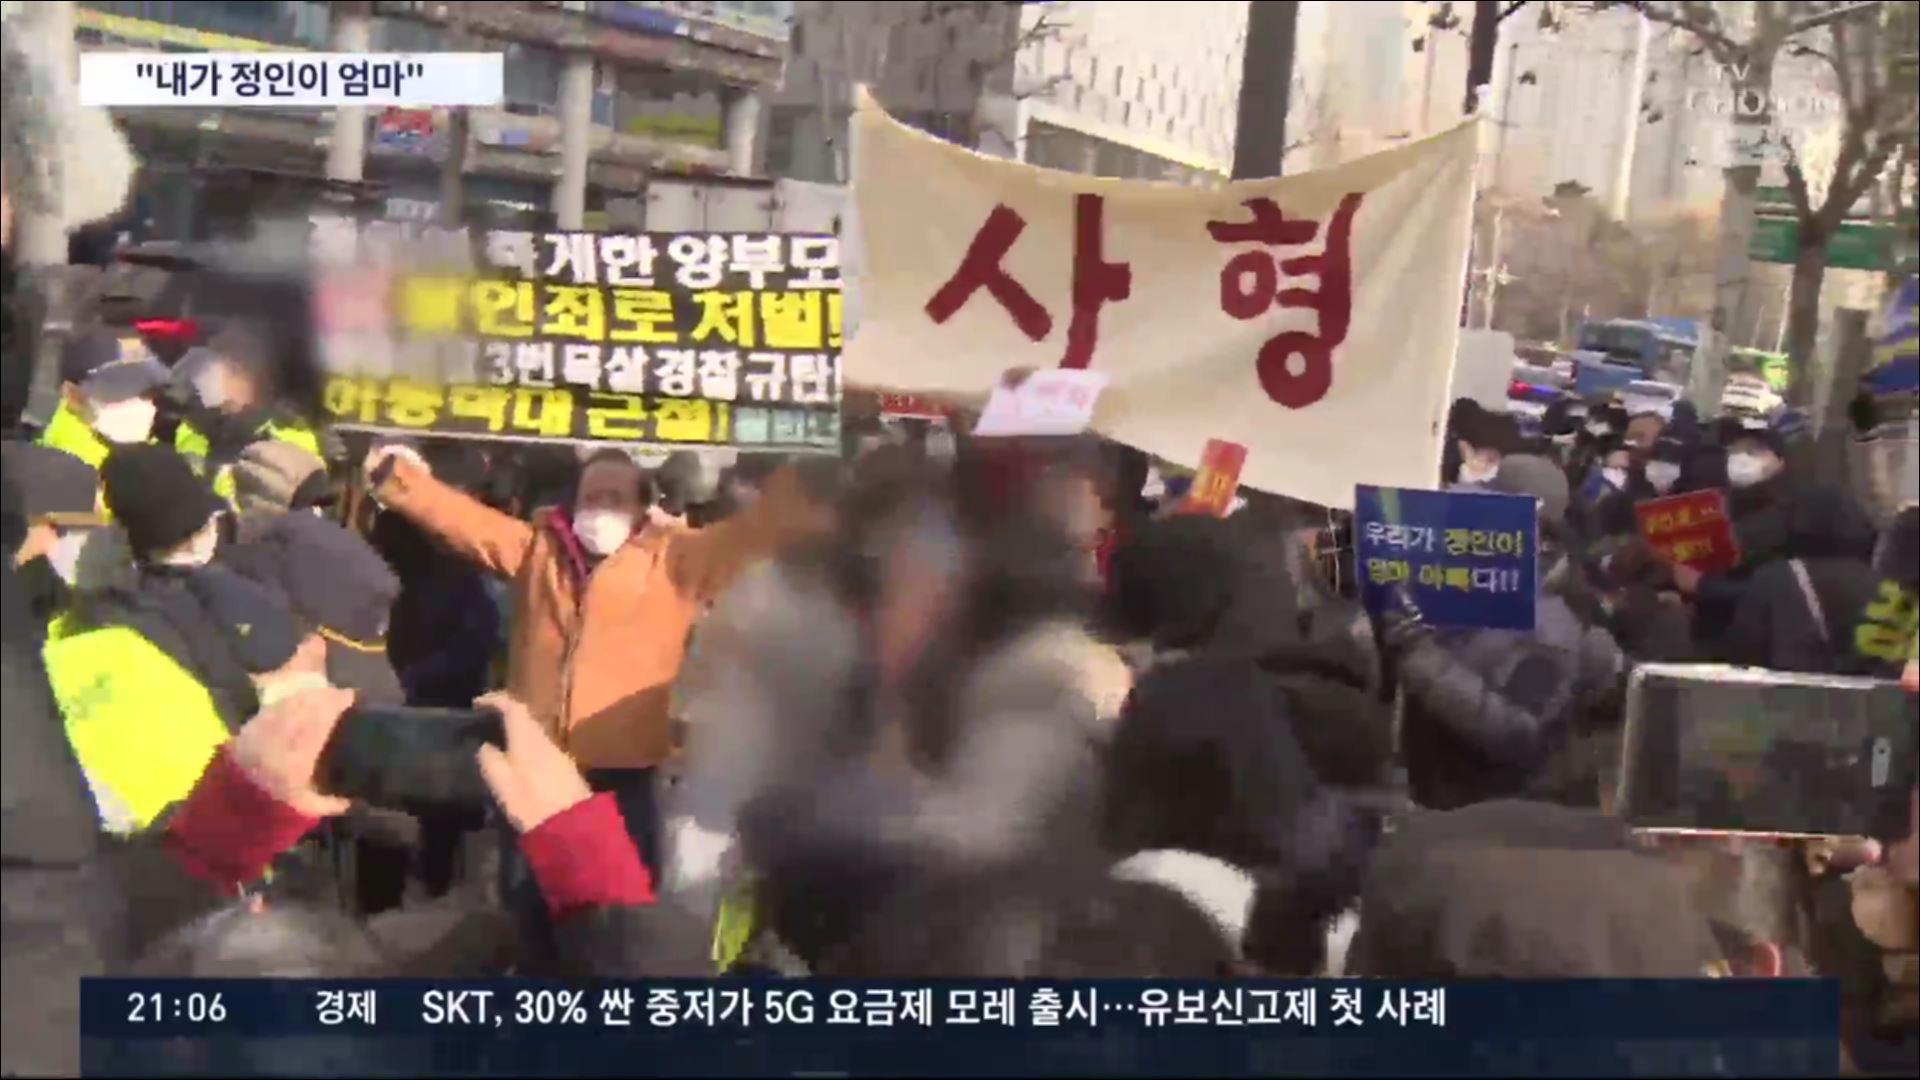 '우리가 정인이 엄마·아빠'…성난 부모들, 법원서 규탄시위